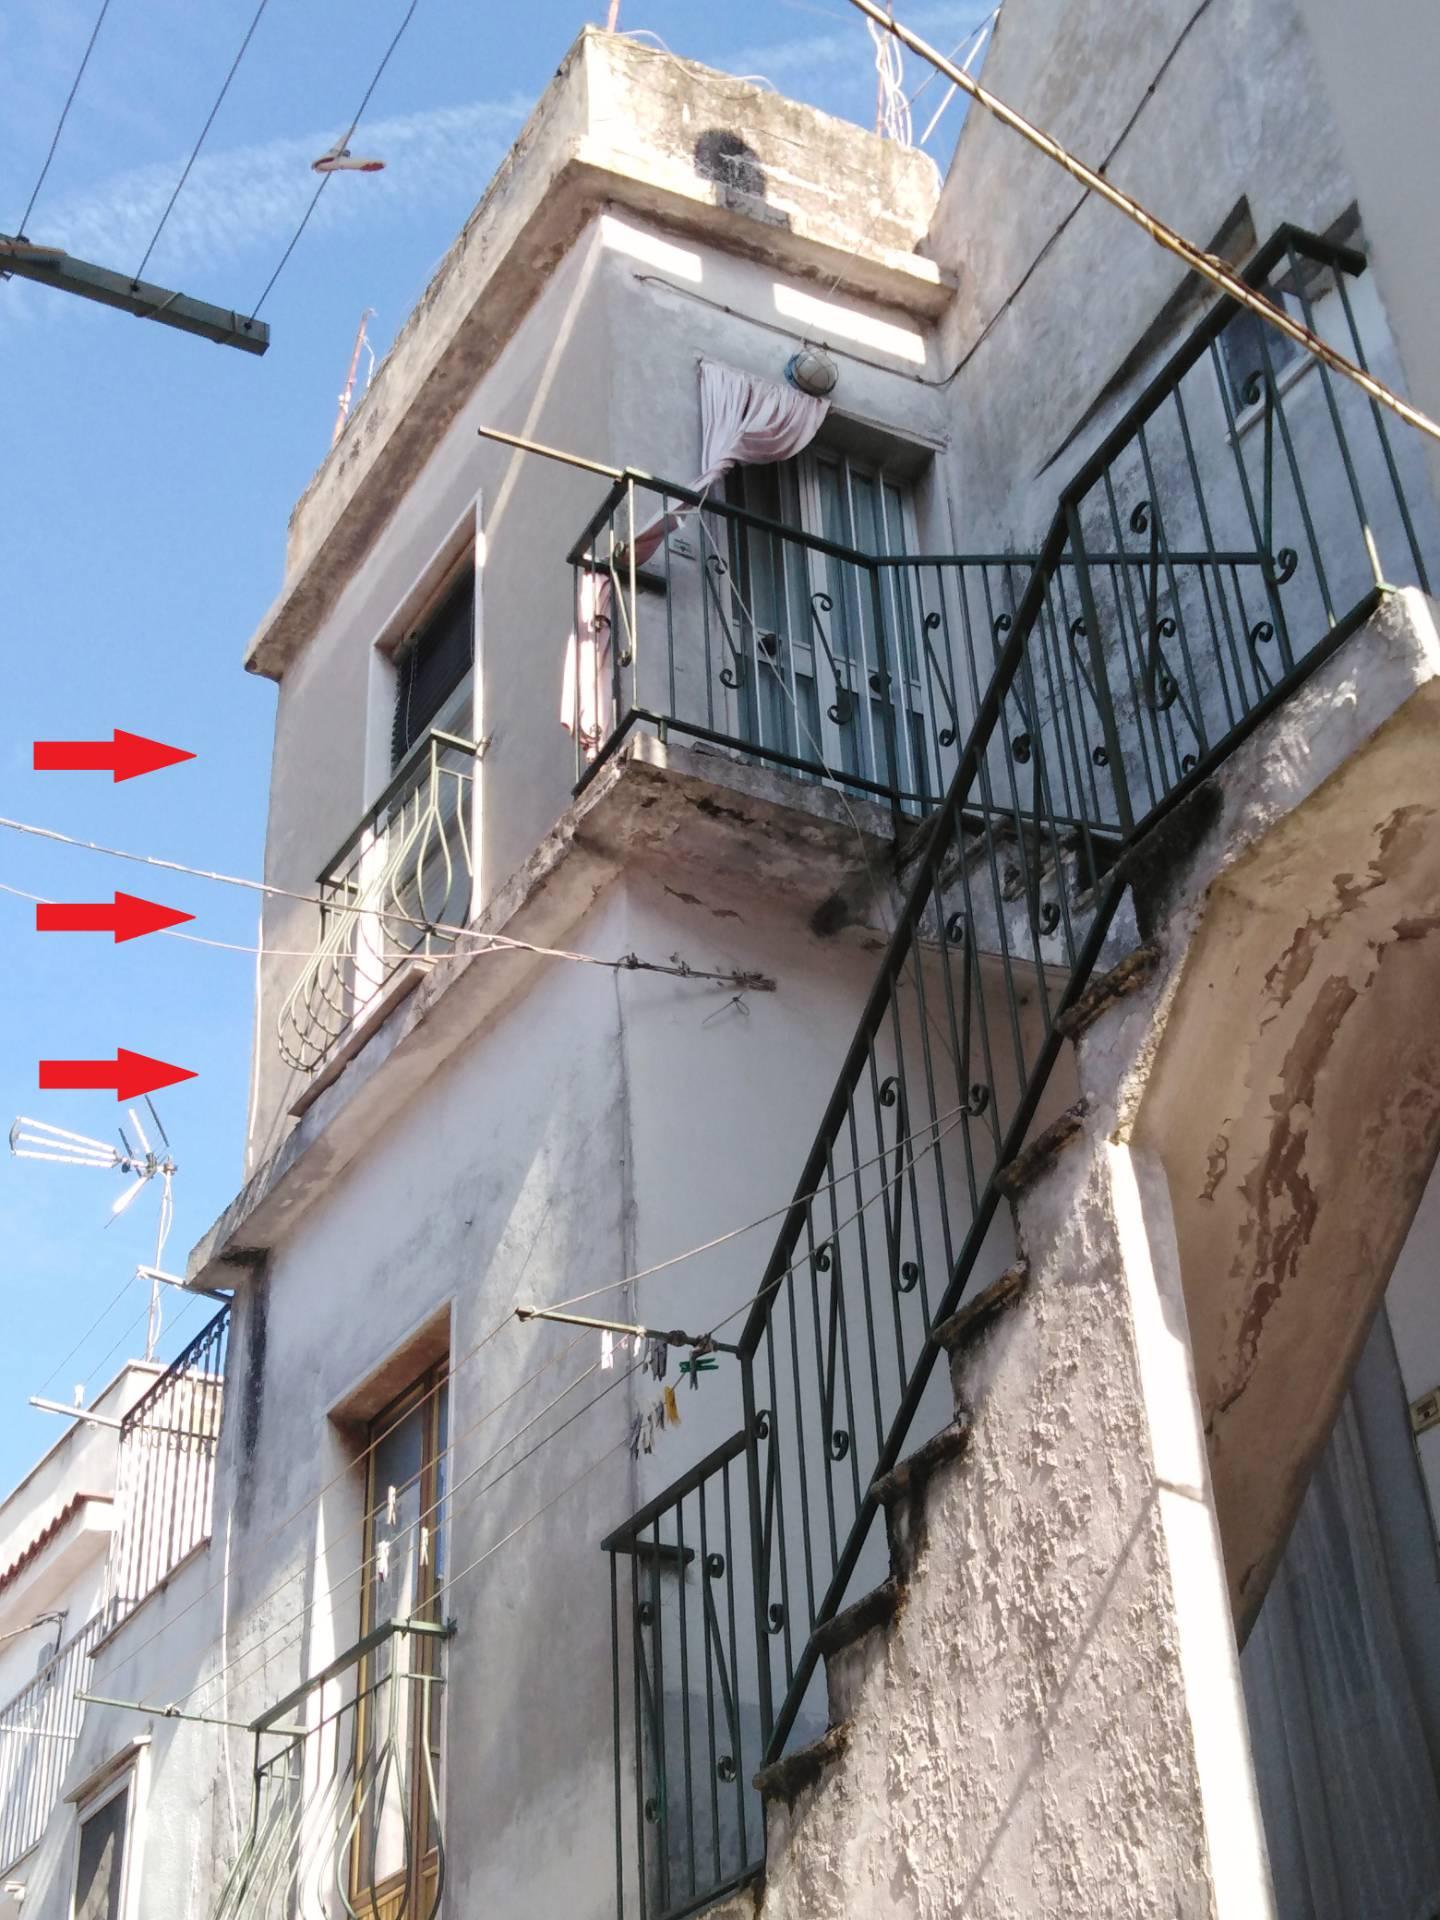 Appartamento in vendita a Ischitella, 3 locali, zona Località: TraverseC.Battisti/UmbertoI, prezzo € 29.000 | PortaleAgenzieImmobiliari.it